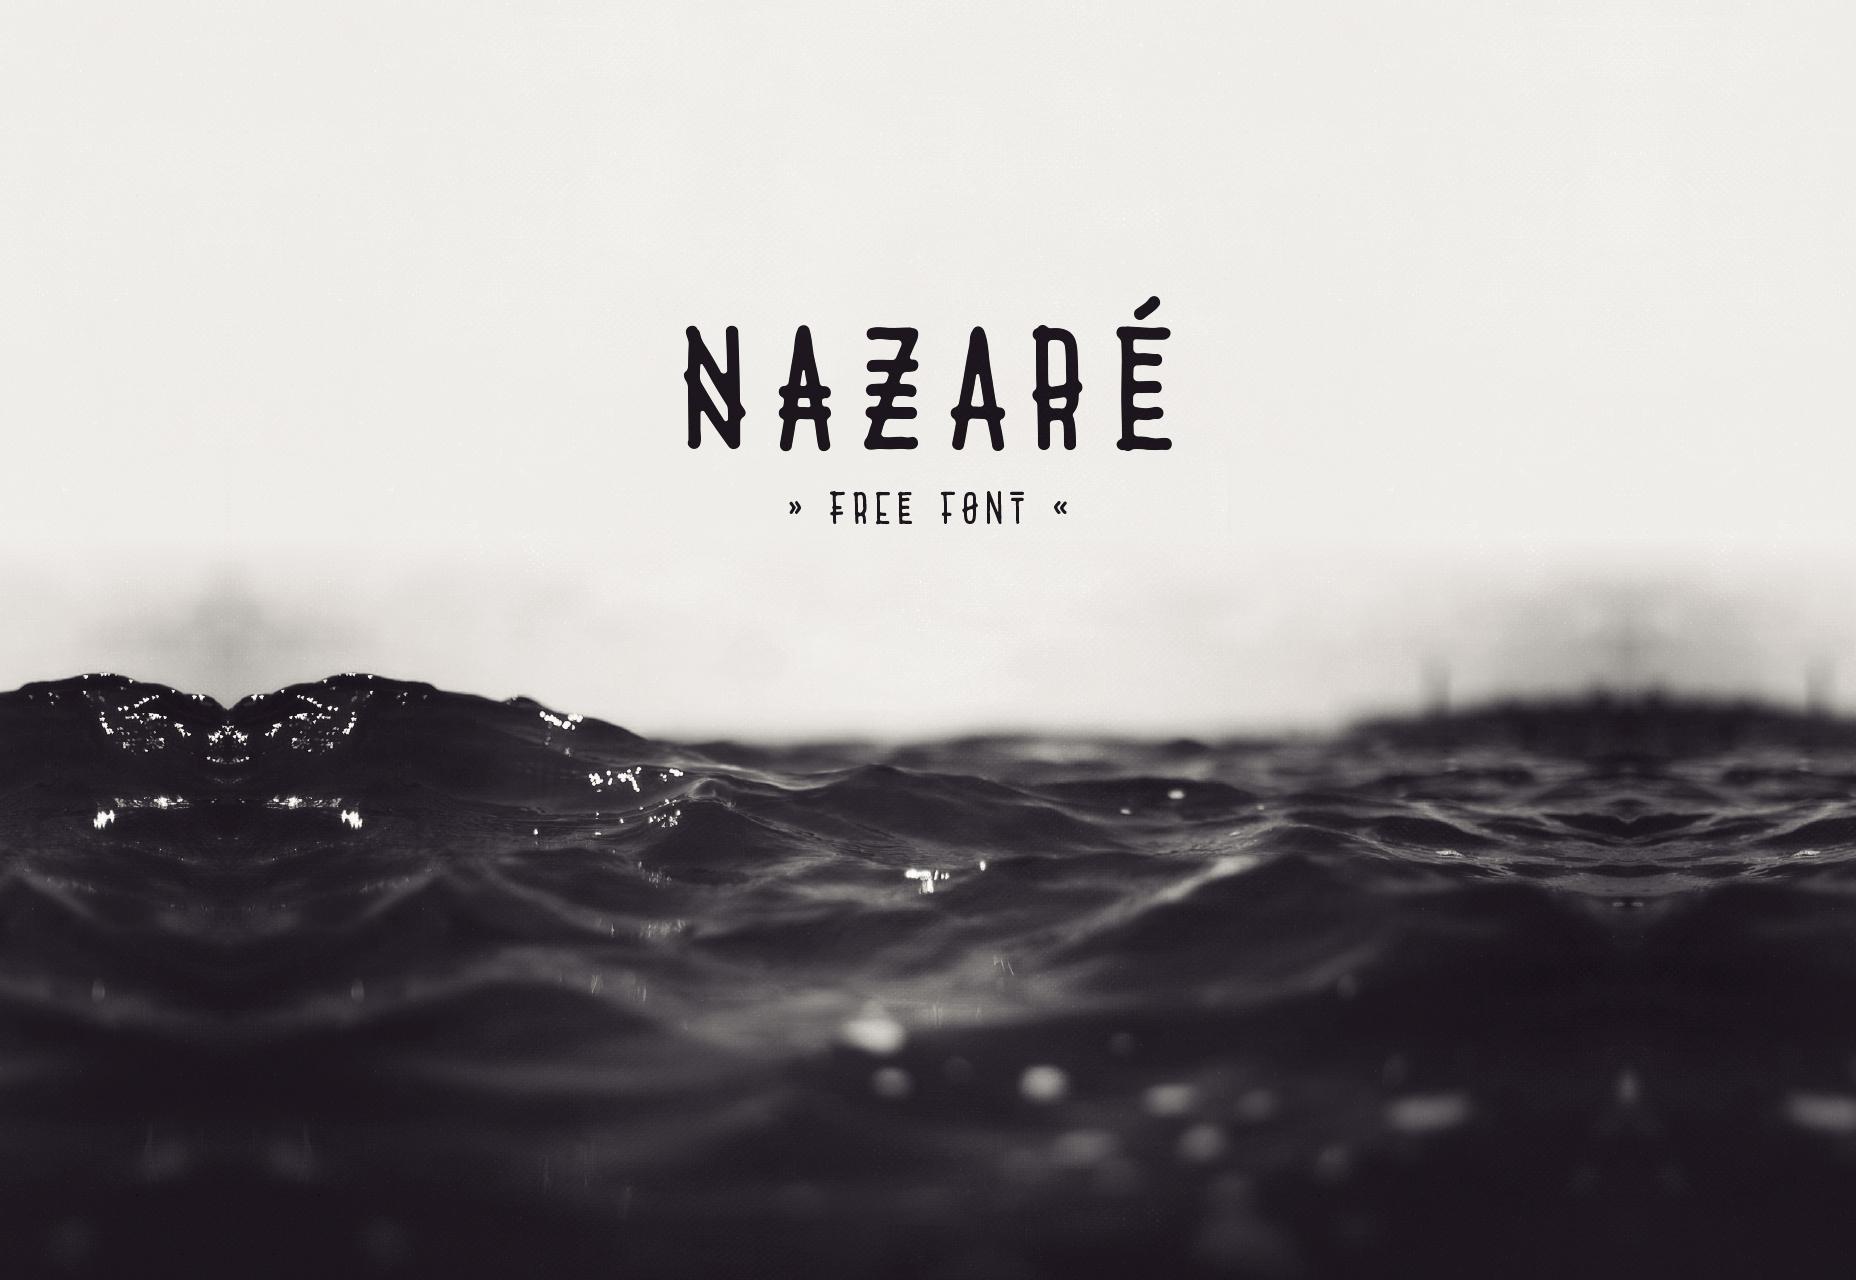 Nazare: Tipografía inspirada en la ciudad de Portugal